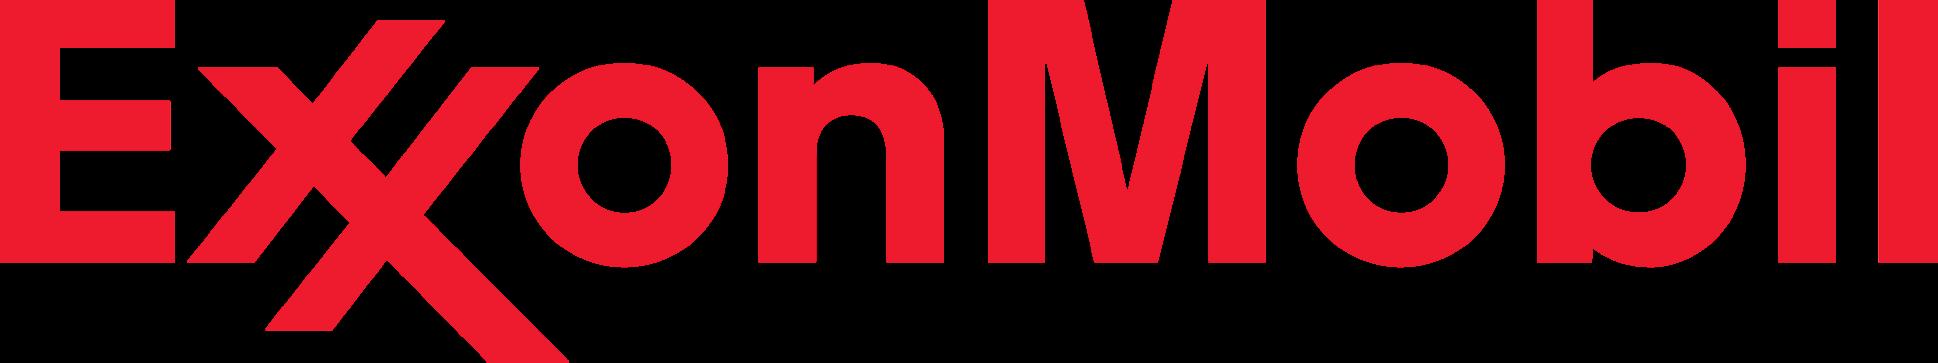 Exxon Mobil Logo color